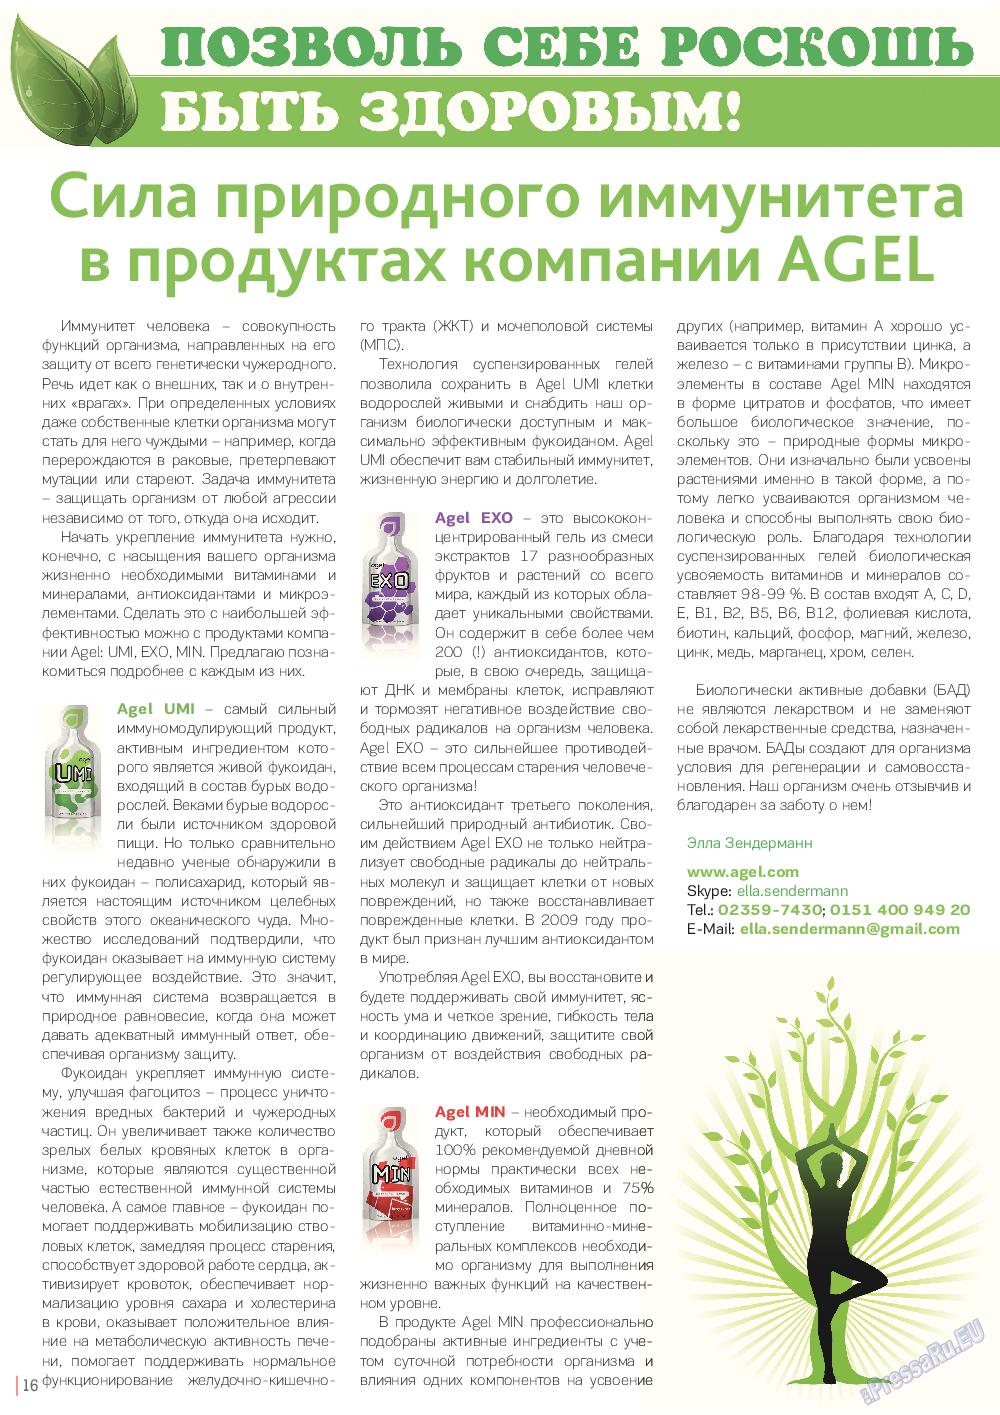 Катюша (журнал). 2015 год, номер 43, стр. 16